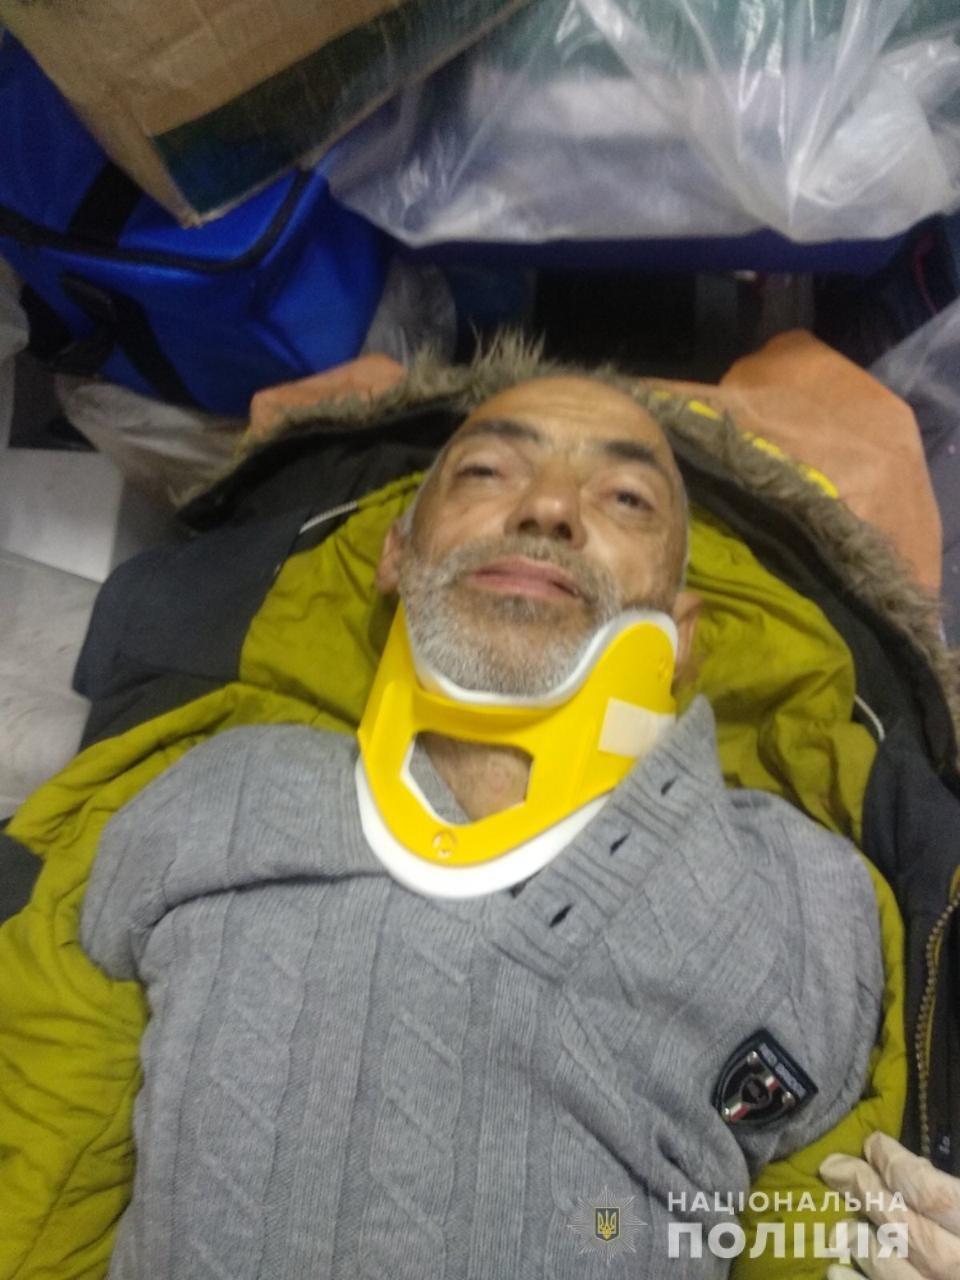 Харьковская полиция просит помочь опознать личность погибшего мужчины, - ФОТО 18+, фото-1